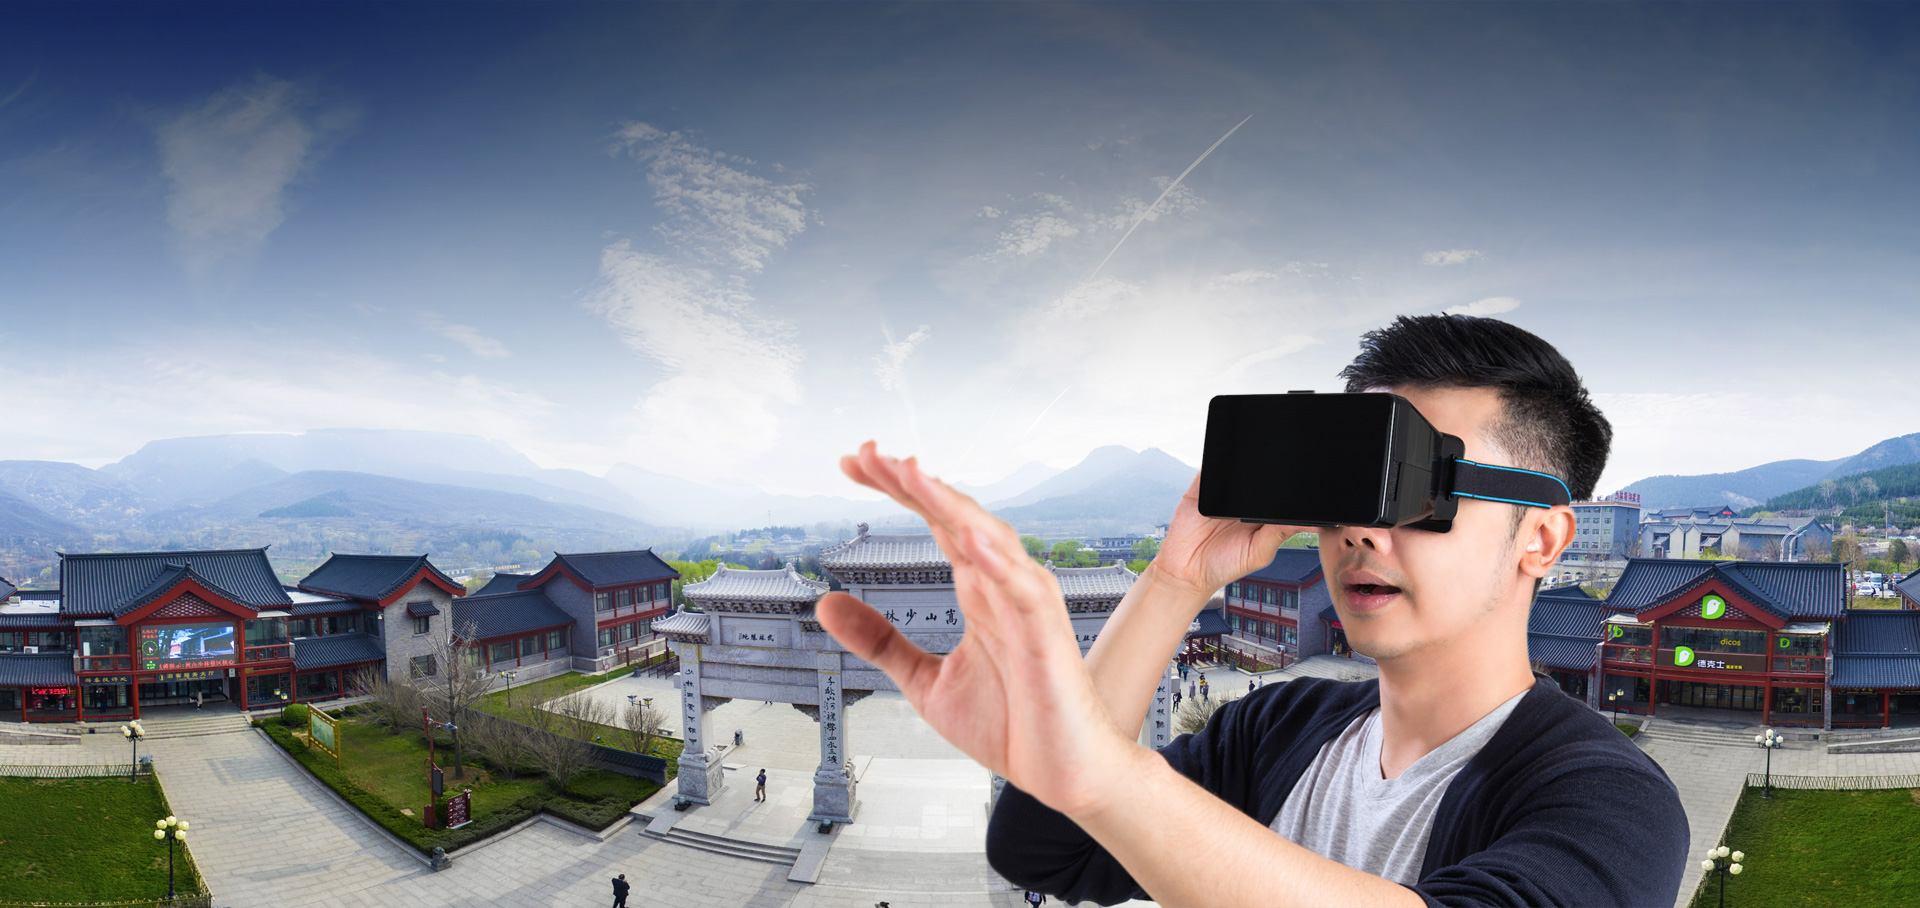 全景虚拟旅游